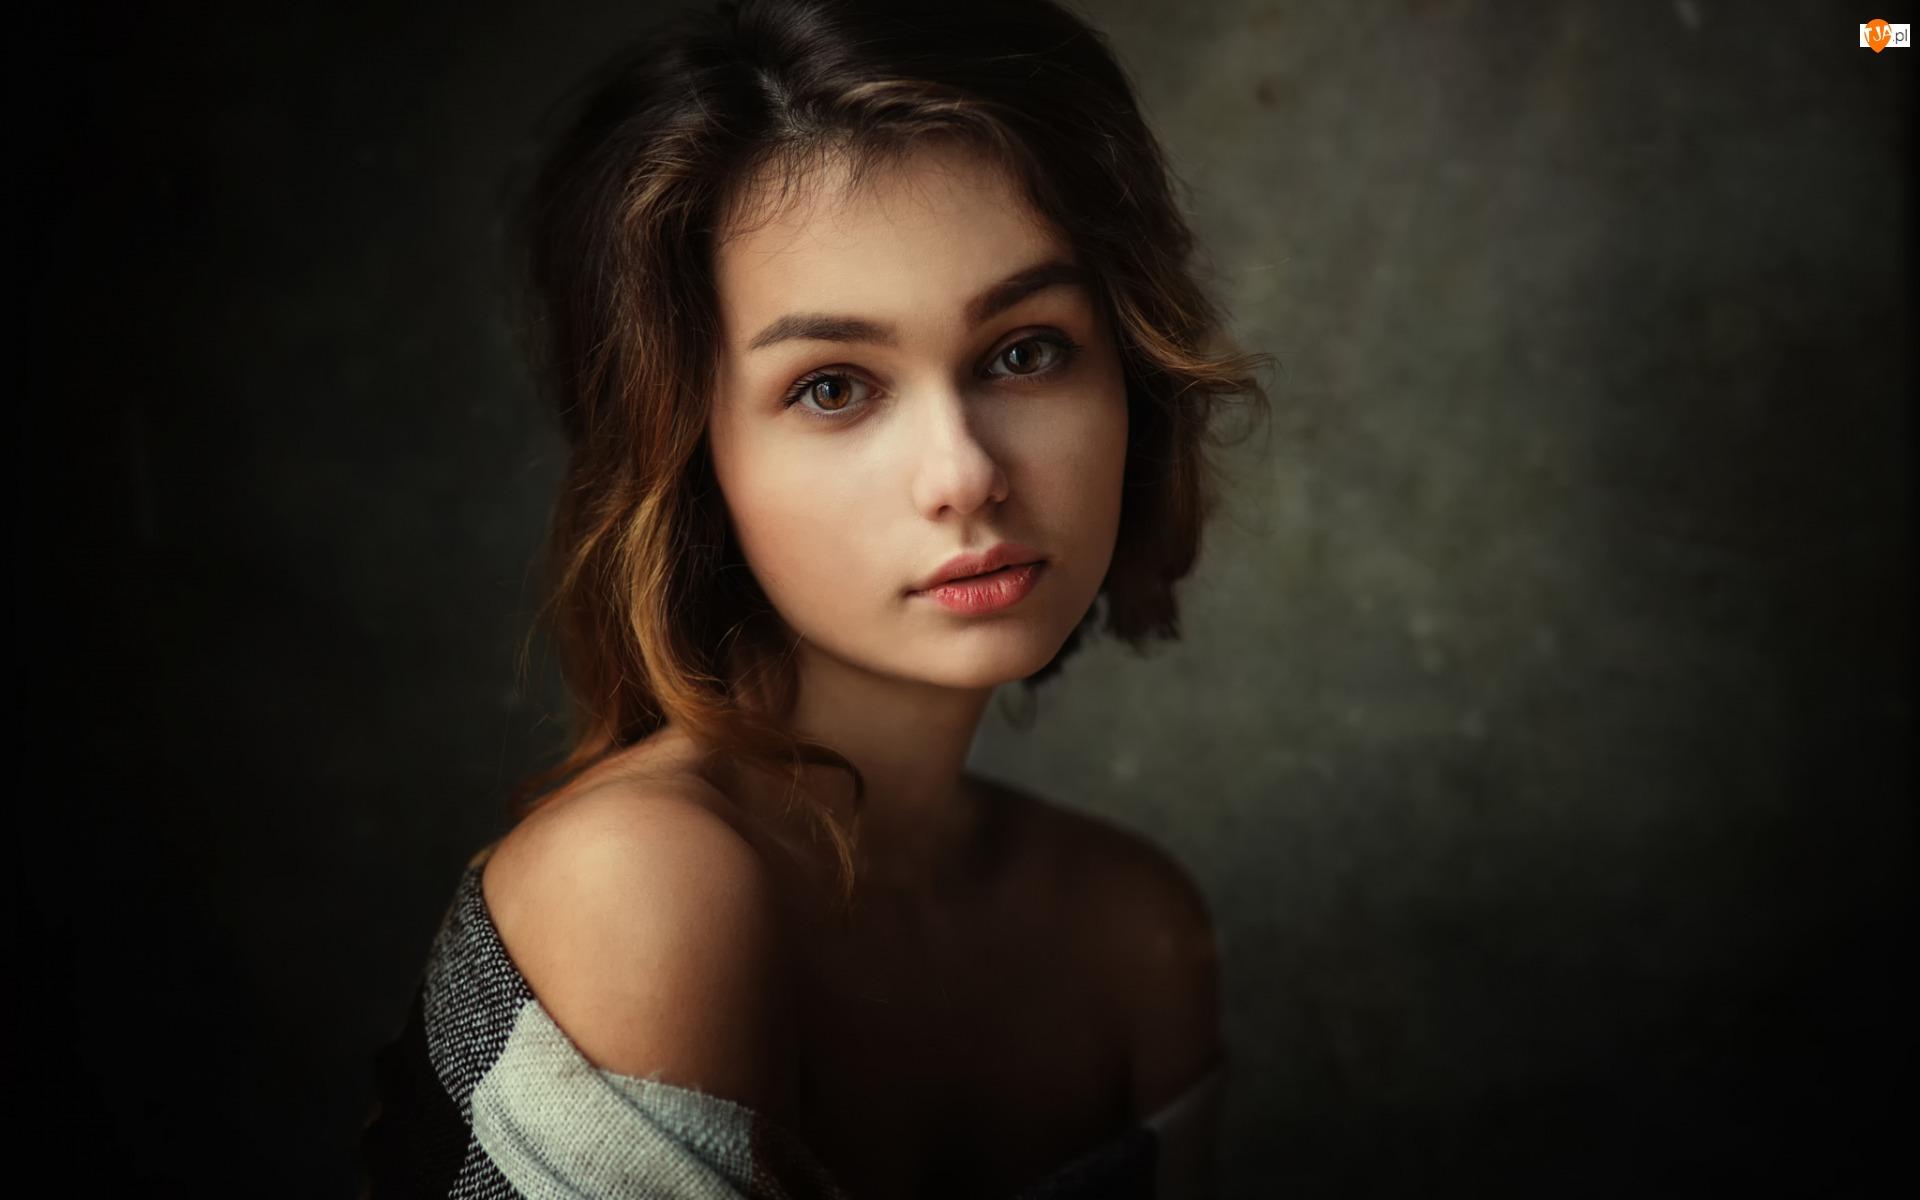 Zamyślona, Dziewczyna, Portret